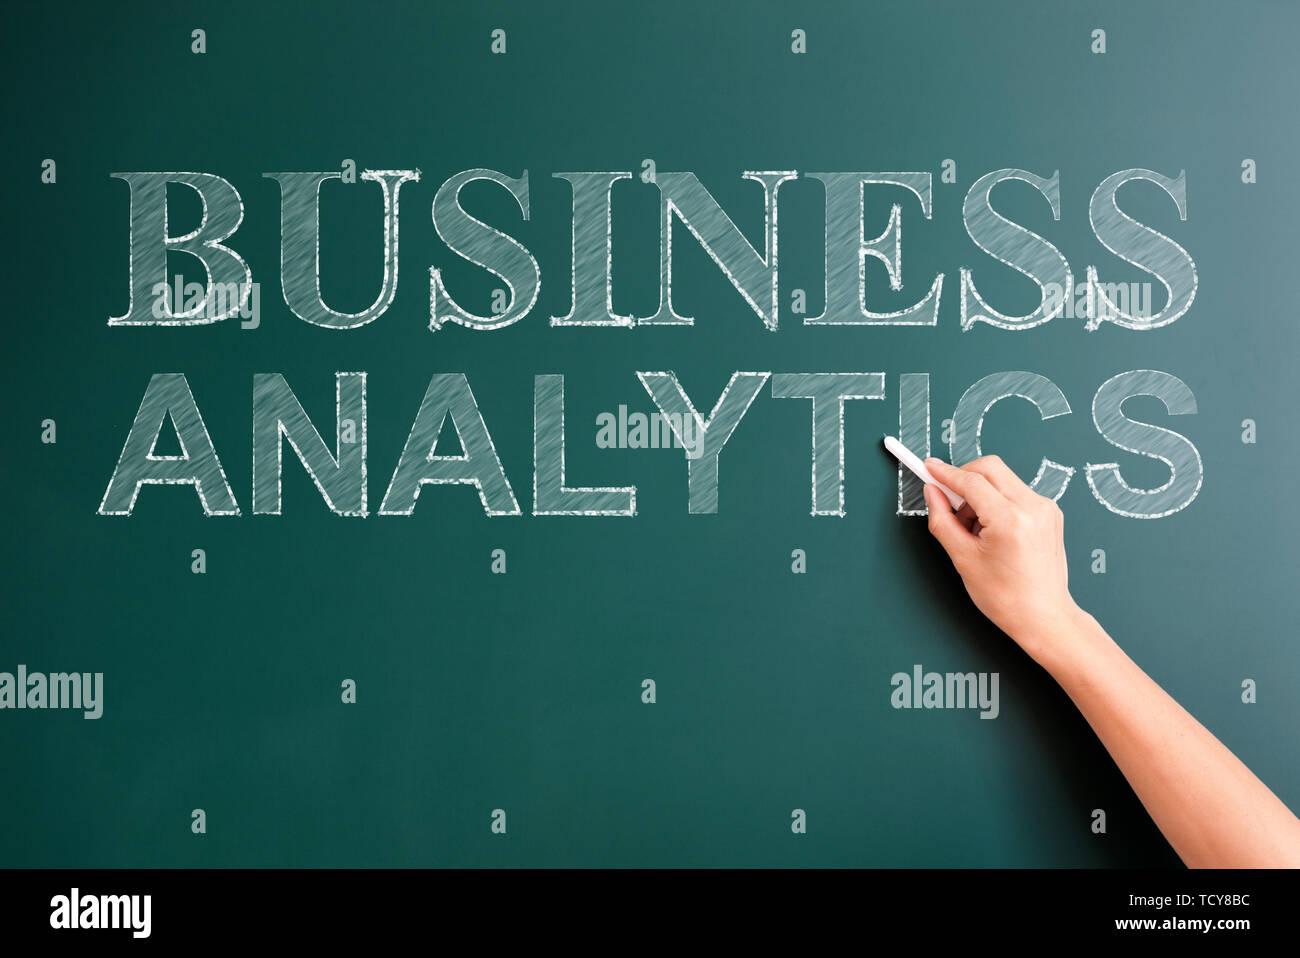 business analytics written on blackboard - Stock Image